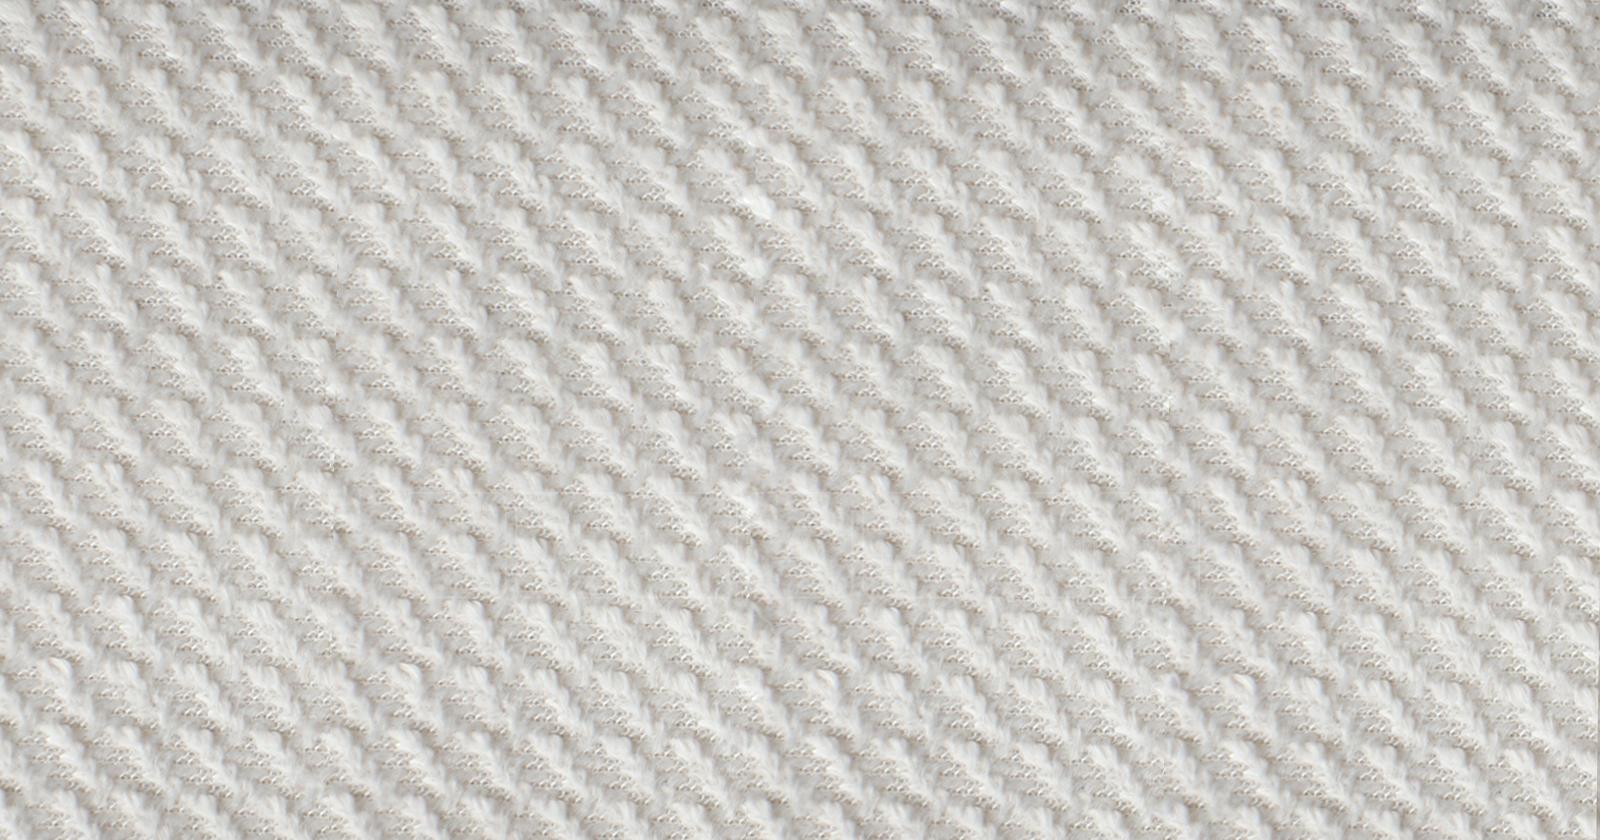 Мягкая кровать Мелисса 160 см велюр светло-бежевый фото 3 | интернет-магазин Складно